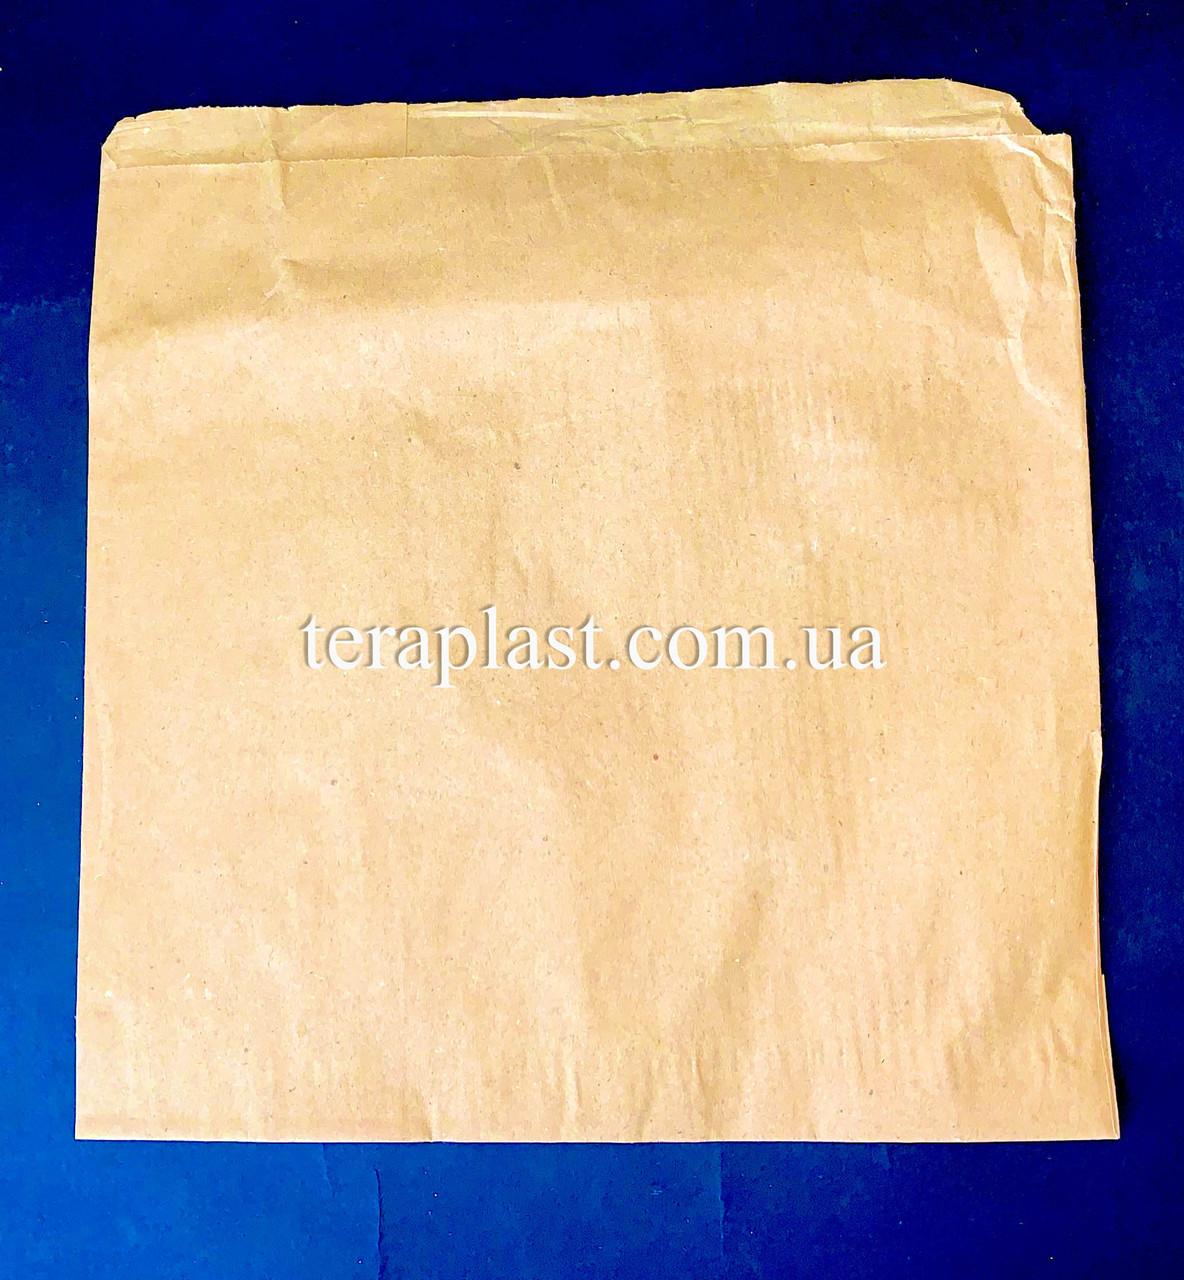 Пакет бумажный саше бурый 210х210